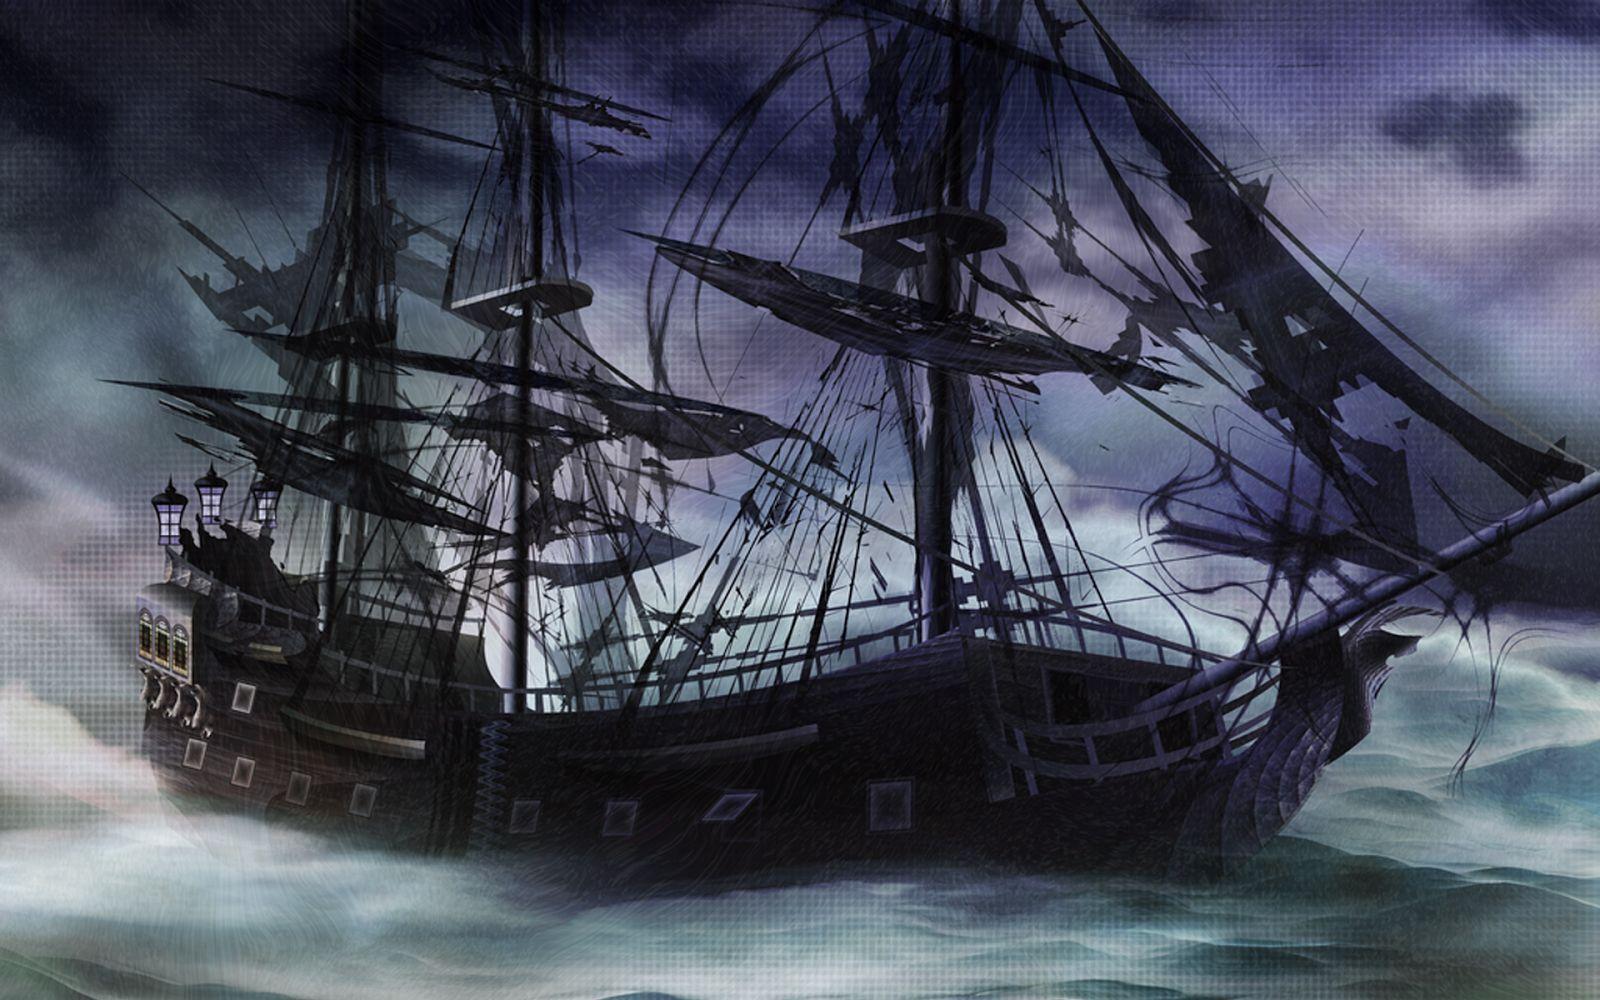 ¿Cómo se llama el barco que tanto desea recuperar Jack Sparrow en la primera película?